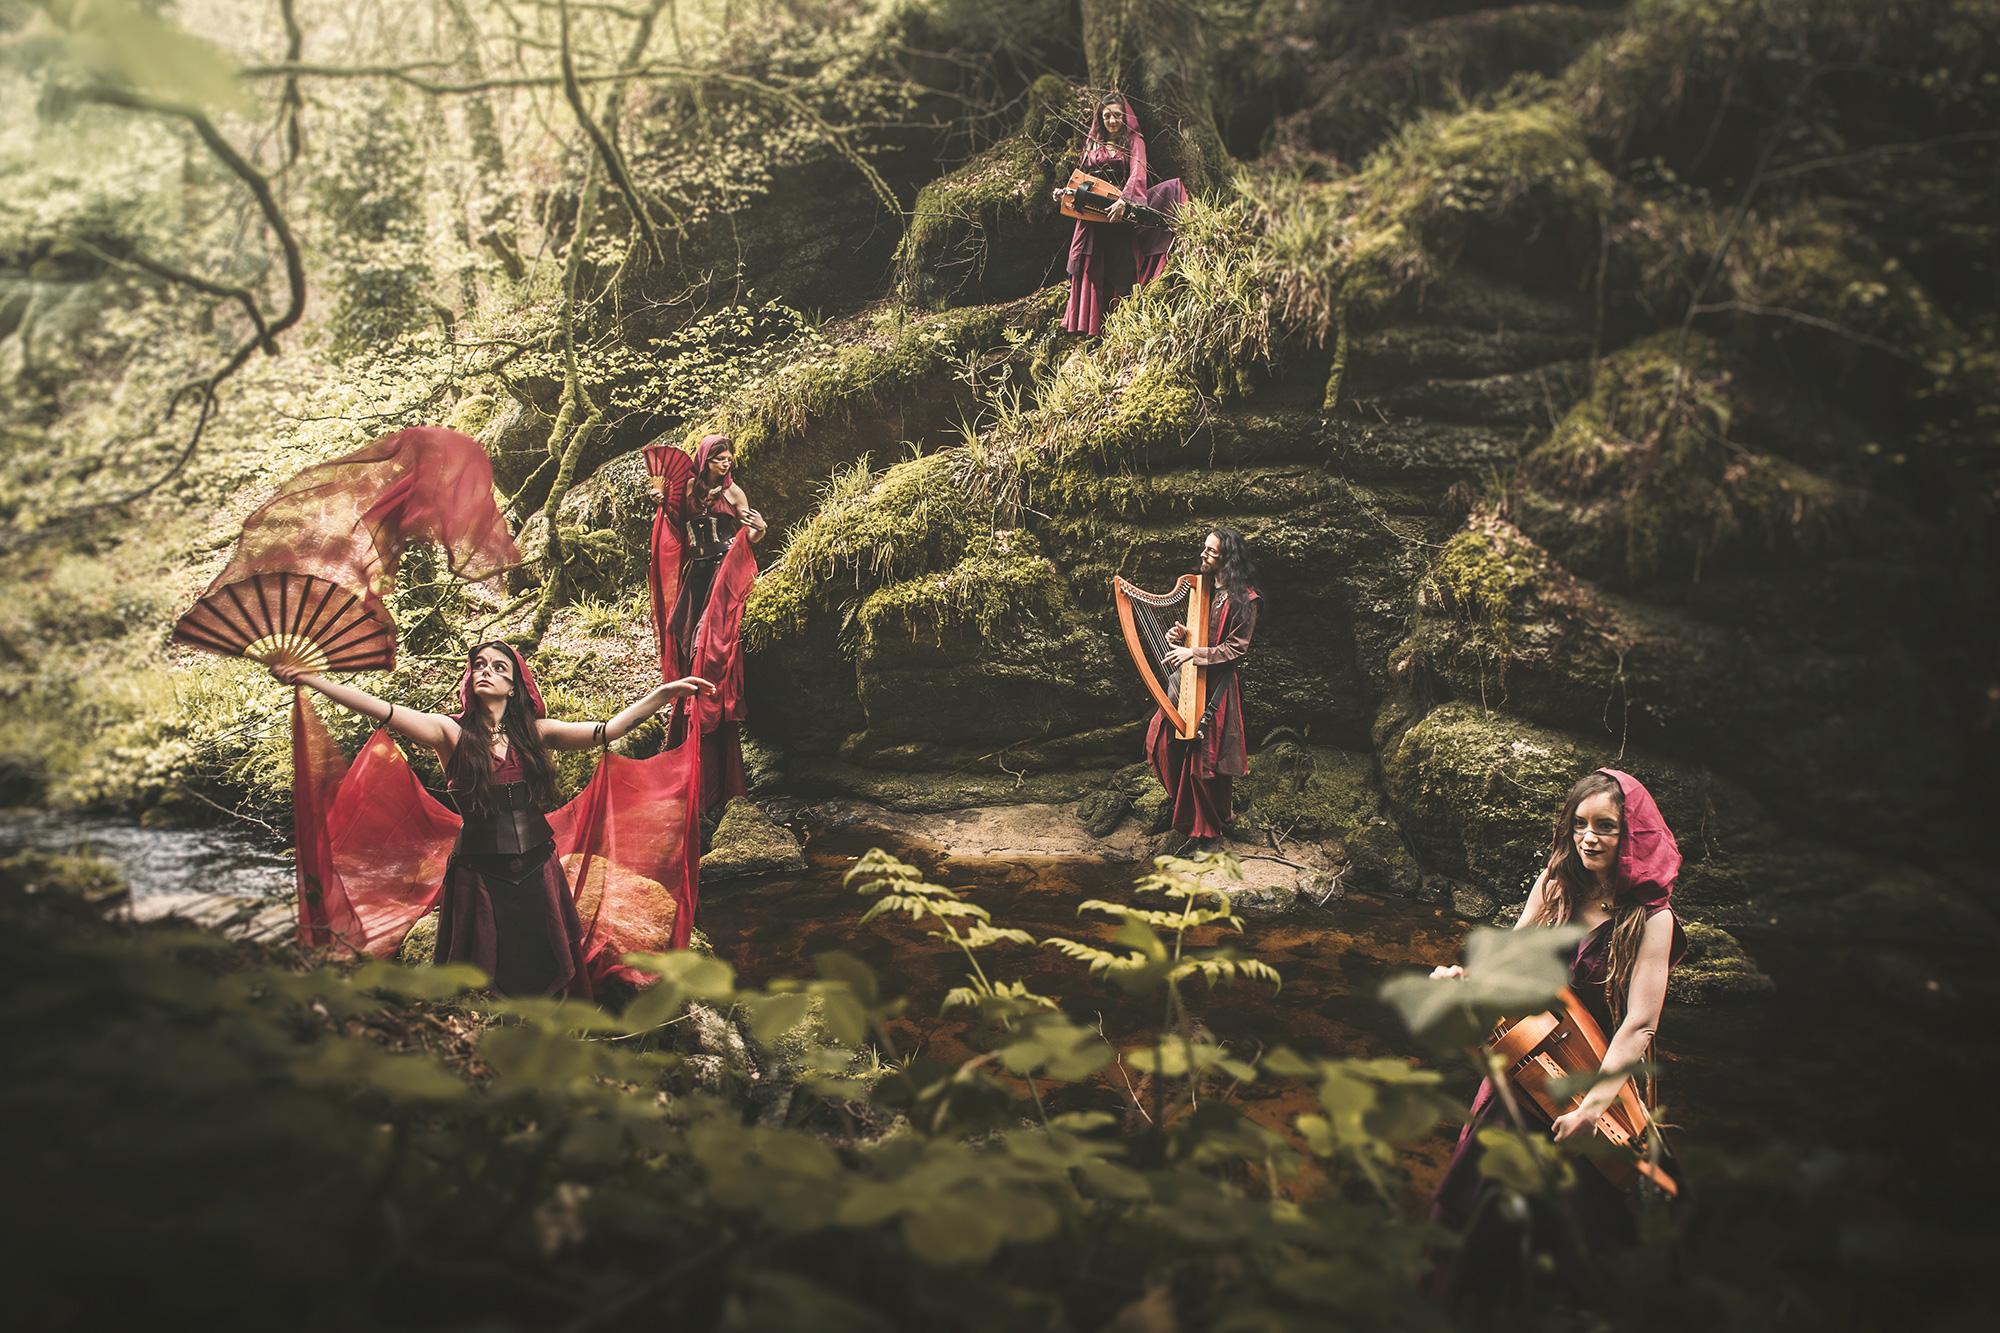 Beltaine déambulation musique et danse féerique médieval